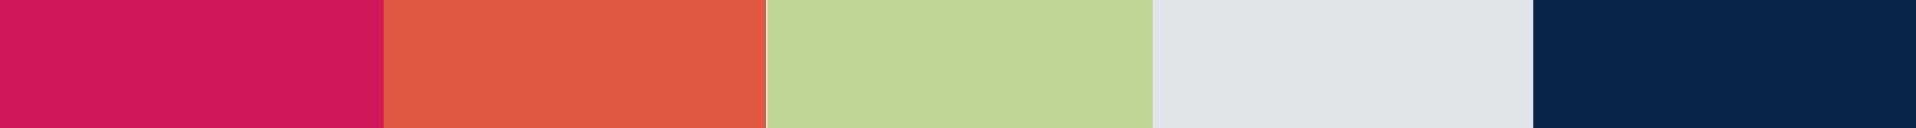 kleurbalk 1